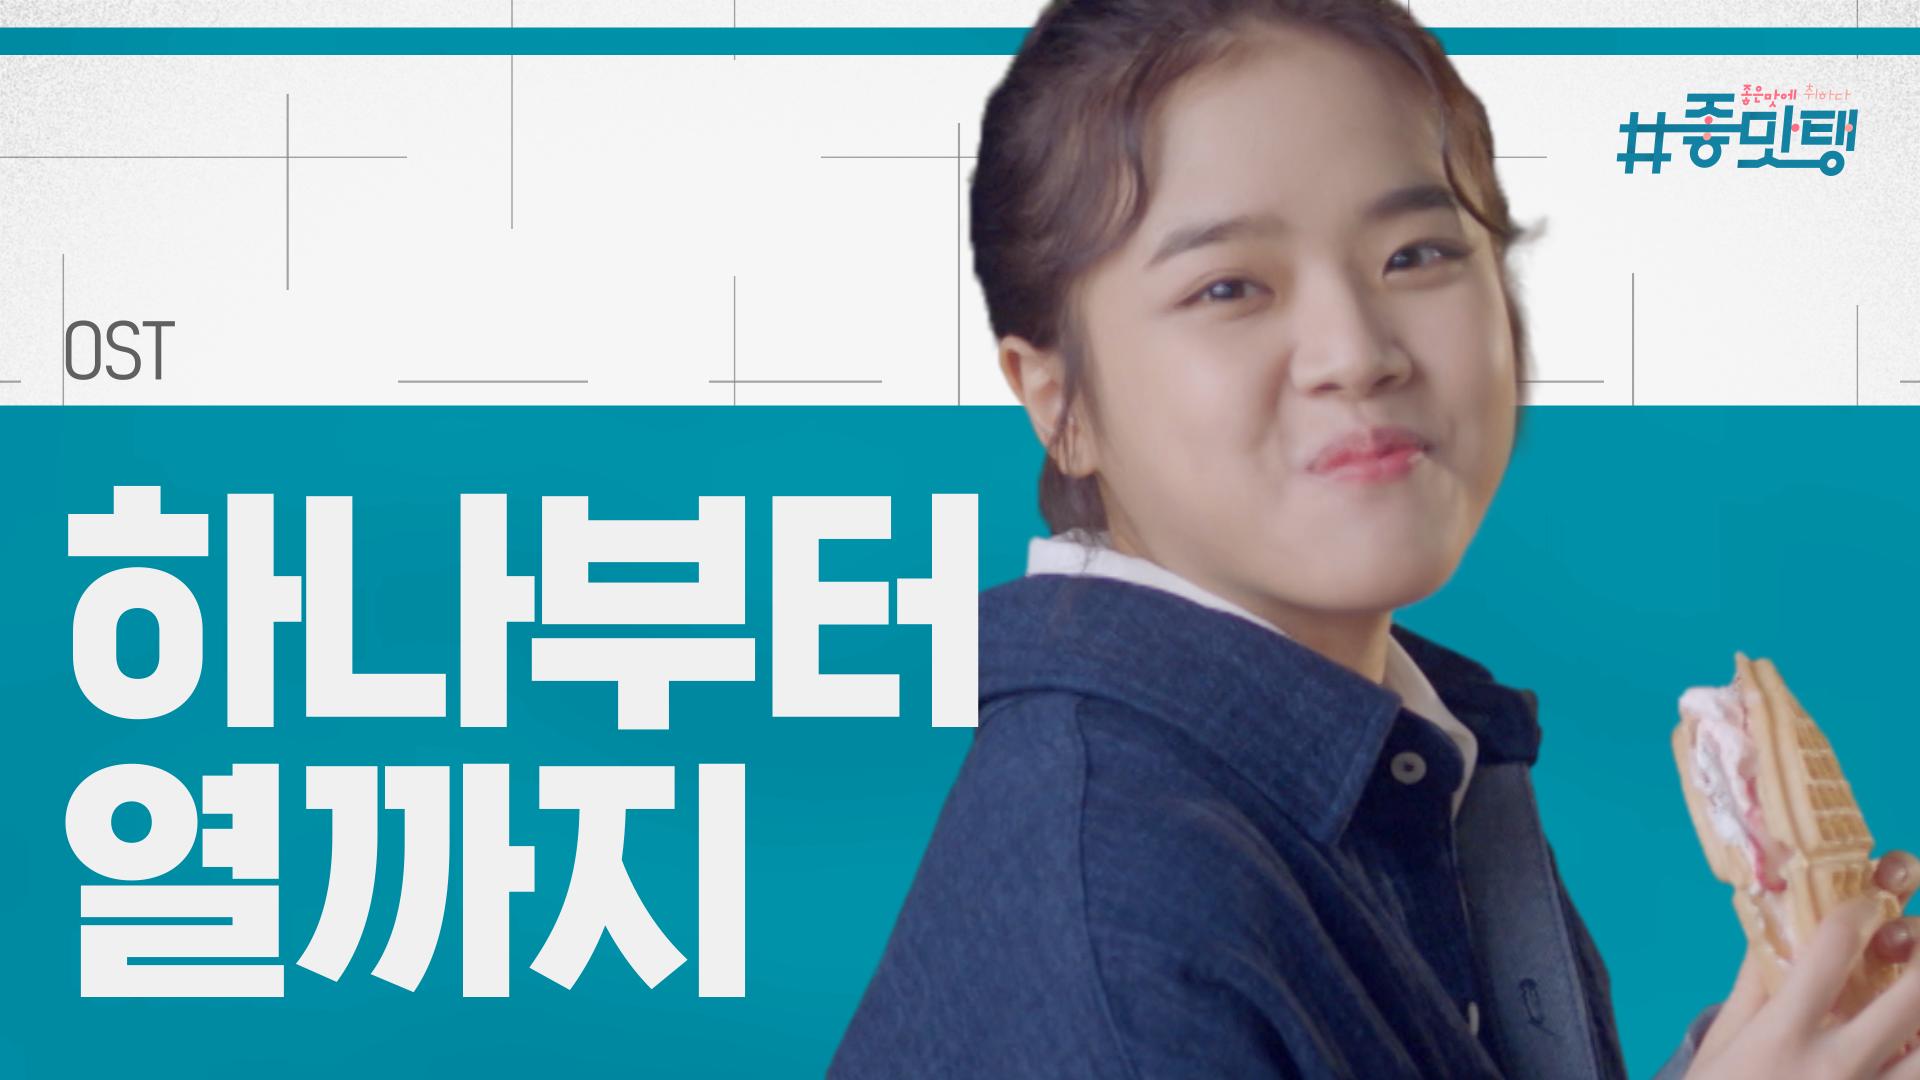 노래도 달달한 디저트드라마의 OST [#좋맛탱] 하나부터 열까지